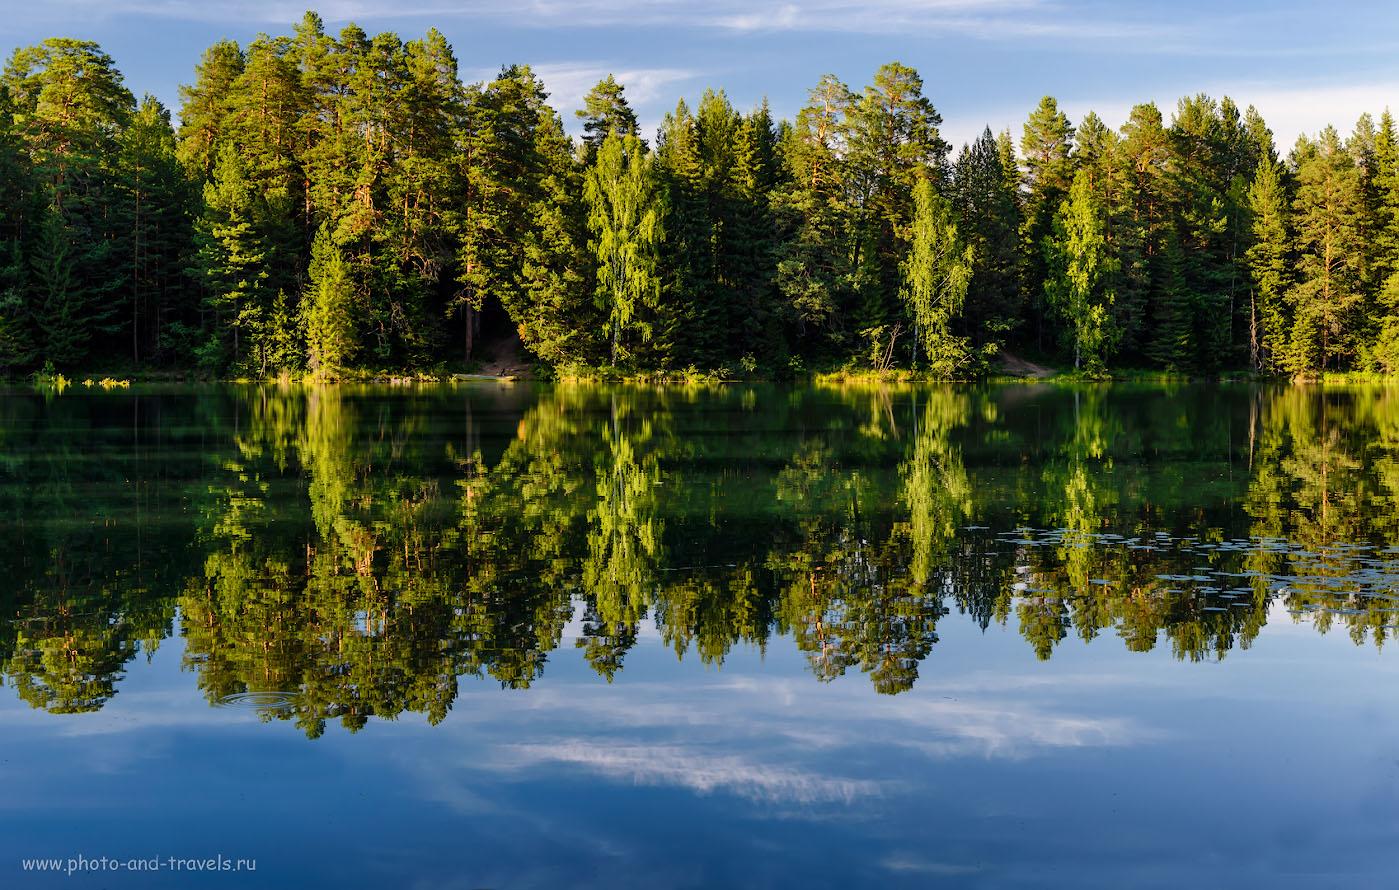 Фото 2. Поездка в Висим на Оленью ферму и к озеру Бездонное. 1/100, -1.0, 9.0, 320, 48.